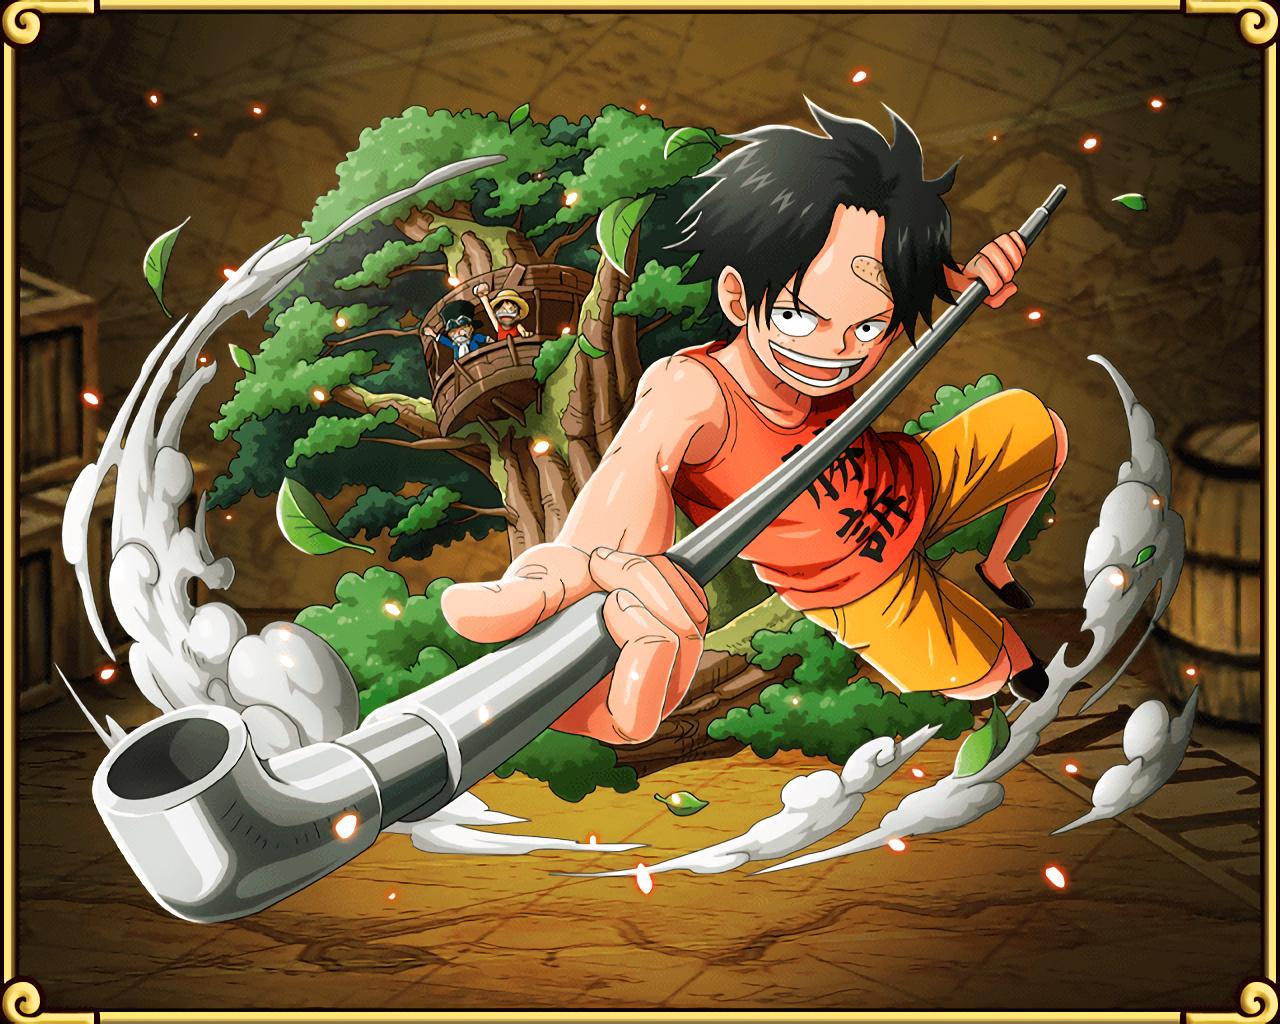 Portgas D Ace One Piece Wallpaper 2464414 Zerochan Anime Image Board